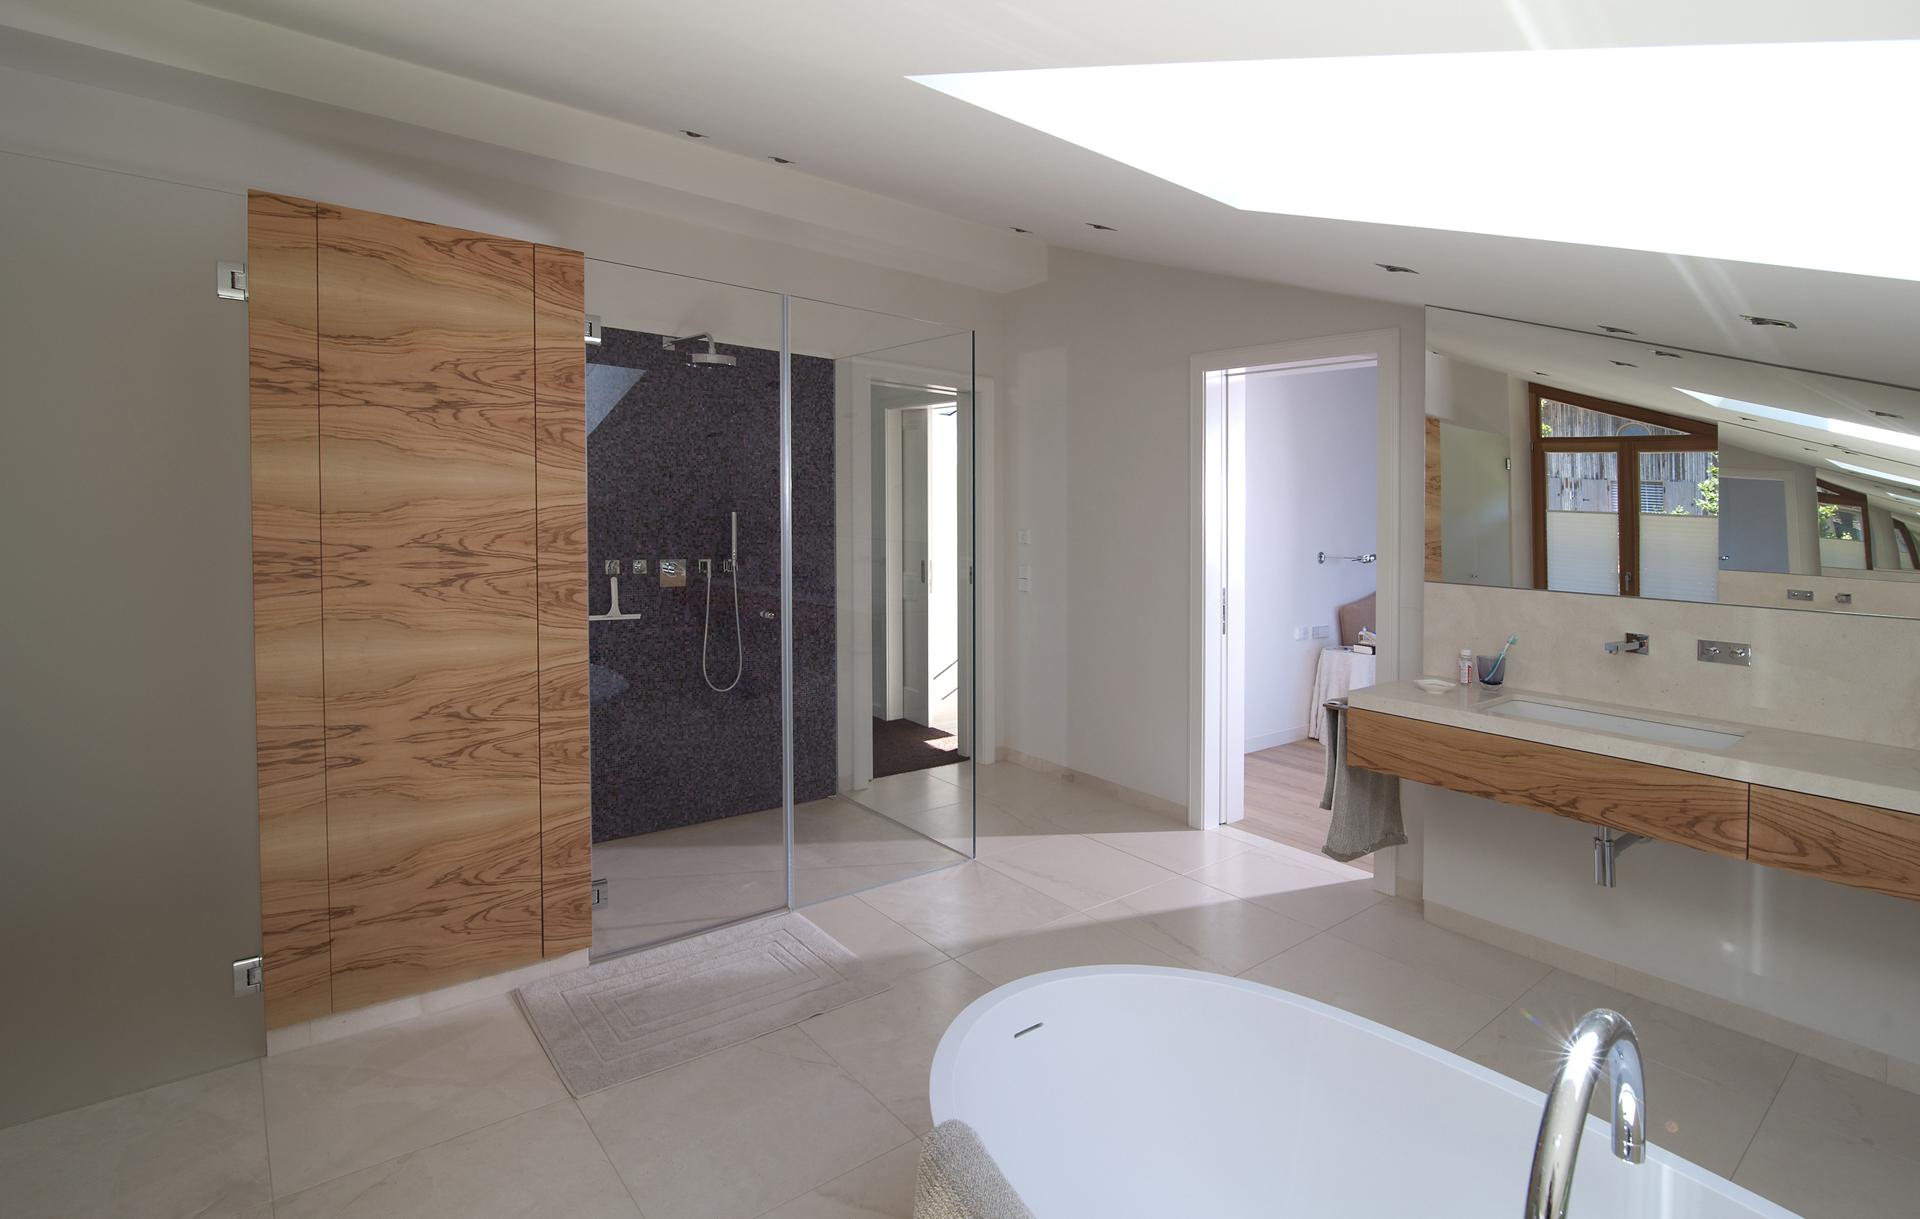 tischlerei-decker-villa-tegernsee-badezimmer-dusche